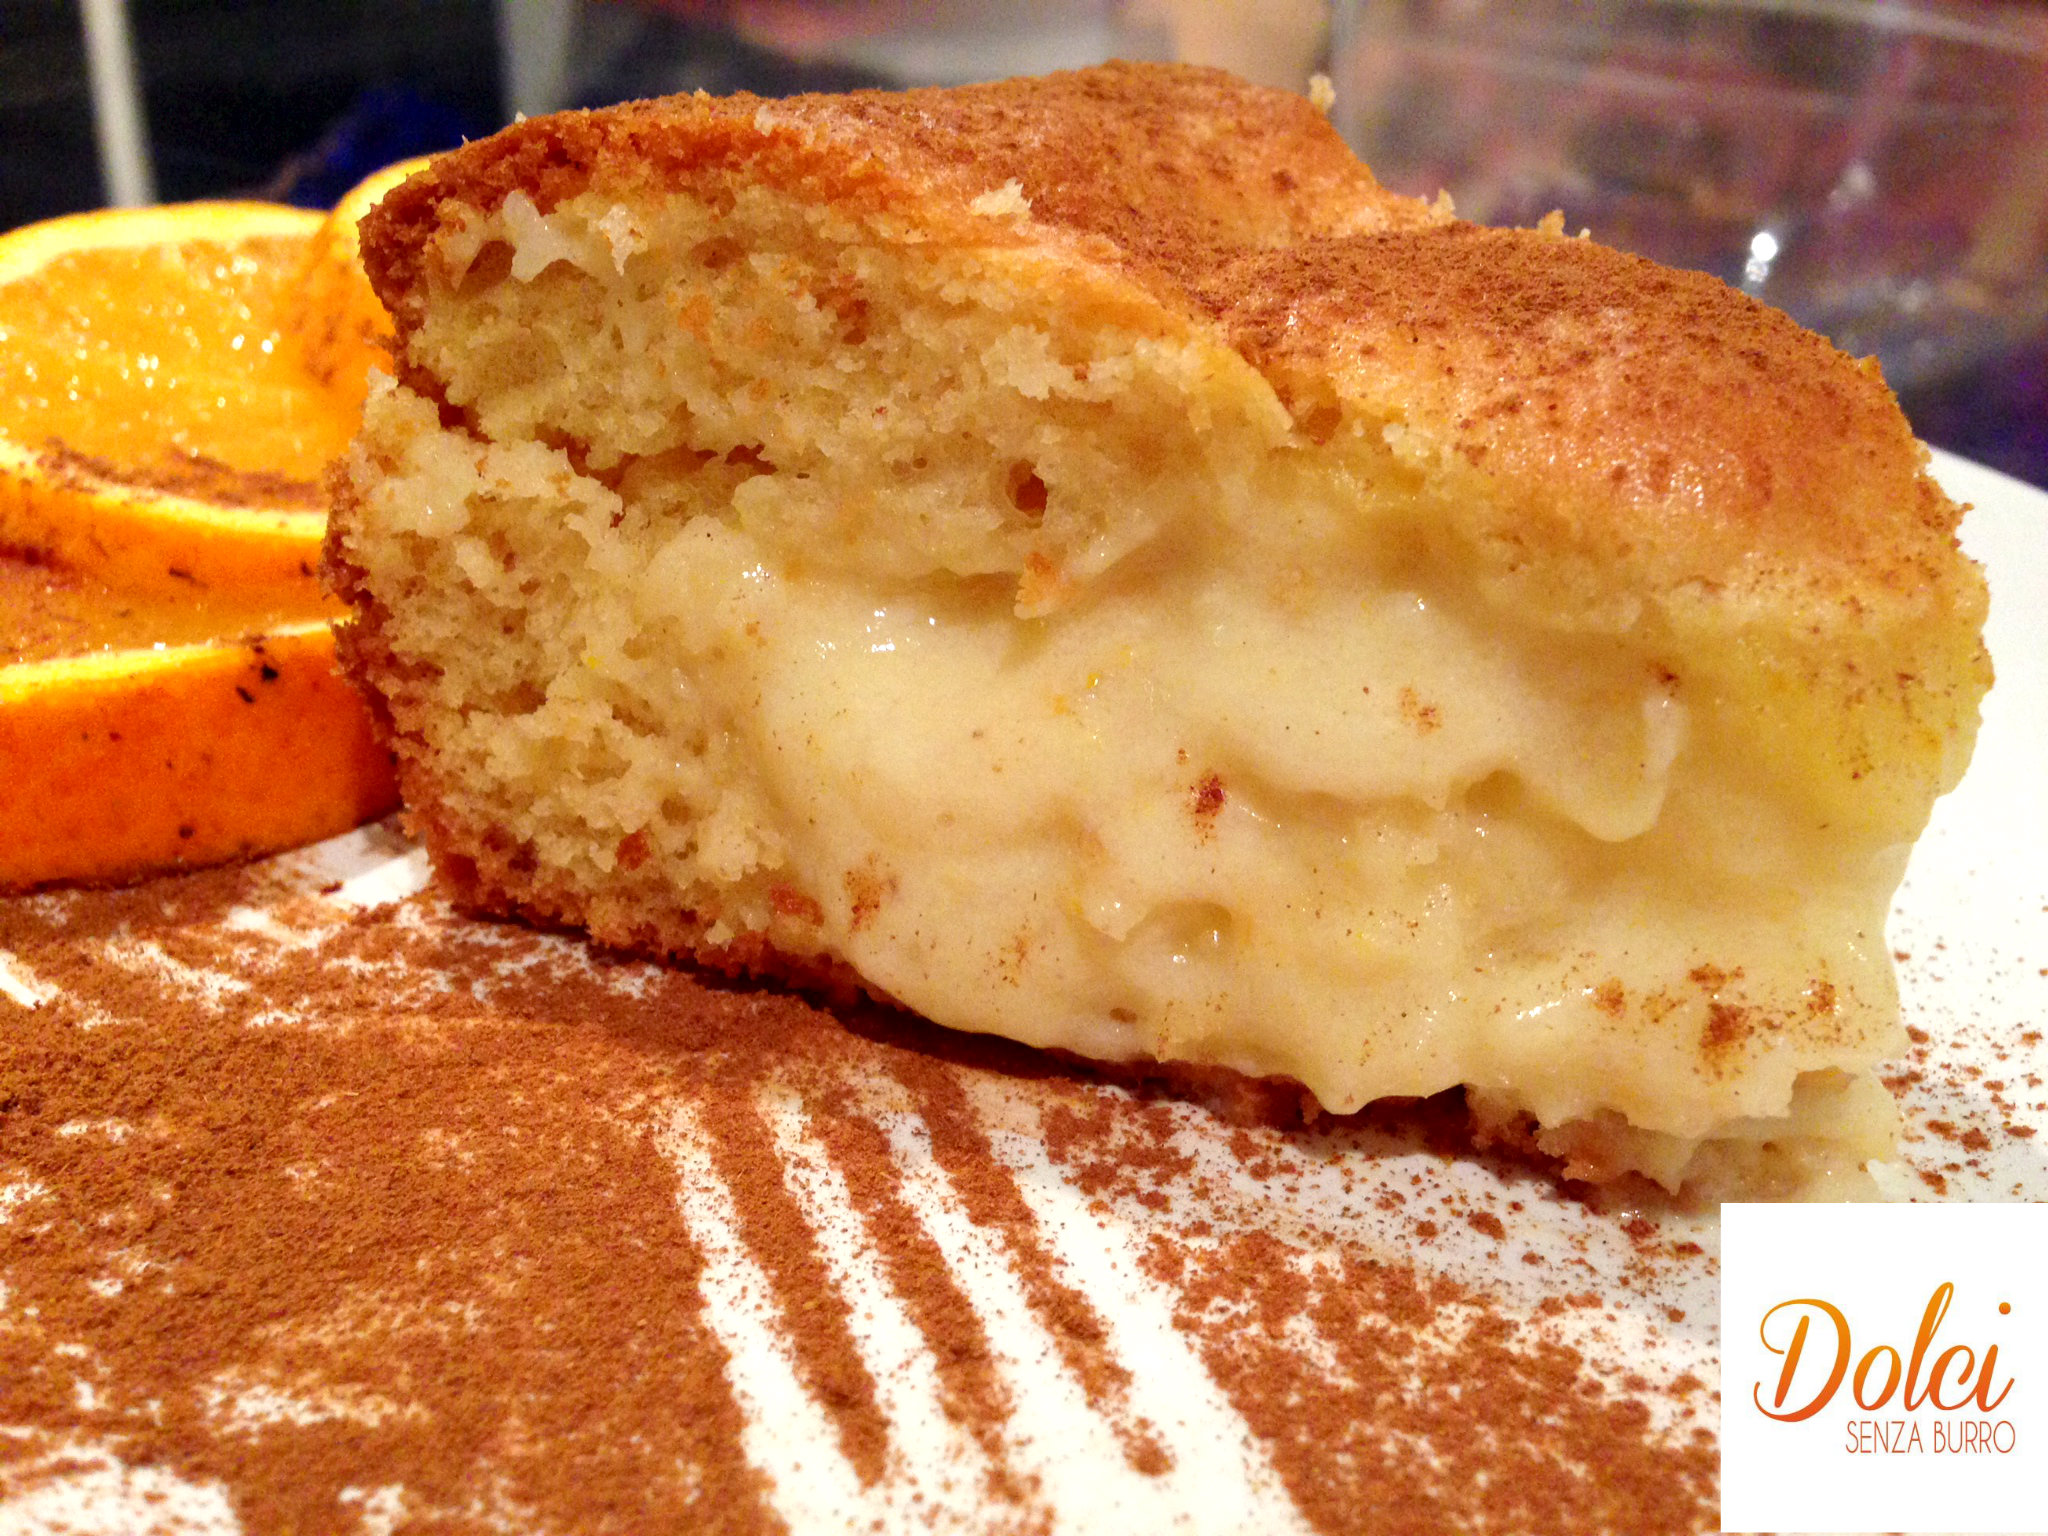 torta senza burro con crema all'arancia - Dolci Senza Burro